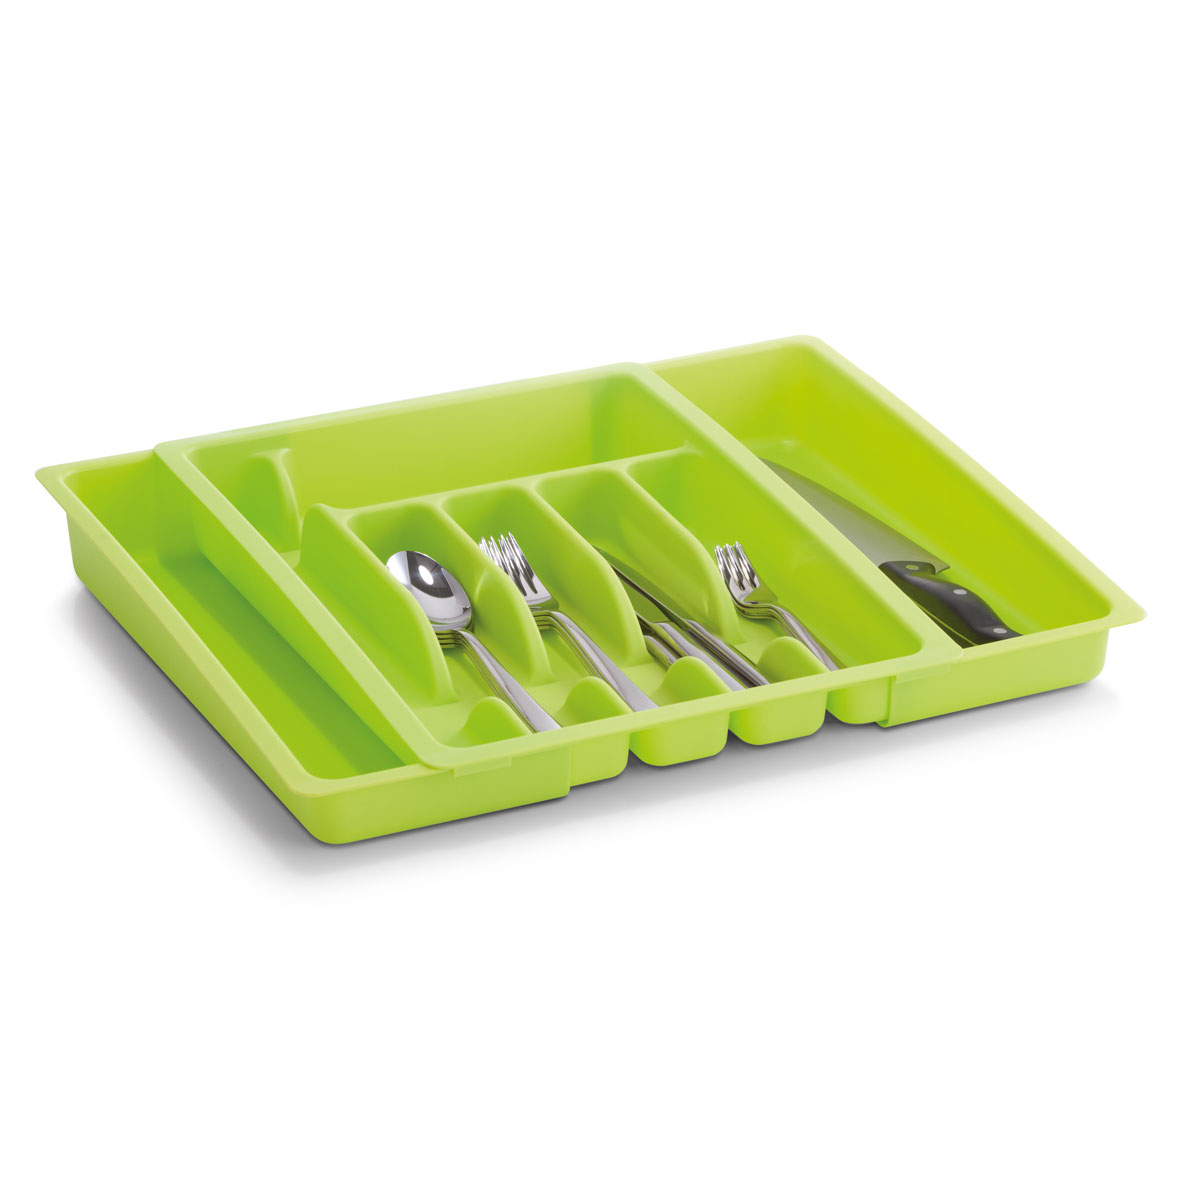 Подставка для столовых приборов Zeller, раздвижная, цвет: зеленый, 28-48 х 38 х 6,5 смFA-5125 WhiteПодставка для столовых приборов Zeller изготовлена из высококачественного прочного пластика. Изделие имеет 4 средних секции для хранения ложек, вилок и ножей, маленькую широкую и длинную узкую секции - для различных кухонных принадлежностей. Подставка регулируется по длине, что позволяет установить ее в любые кухонные ящики, при этом появляется дополнительная секция для хранения.